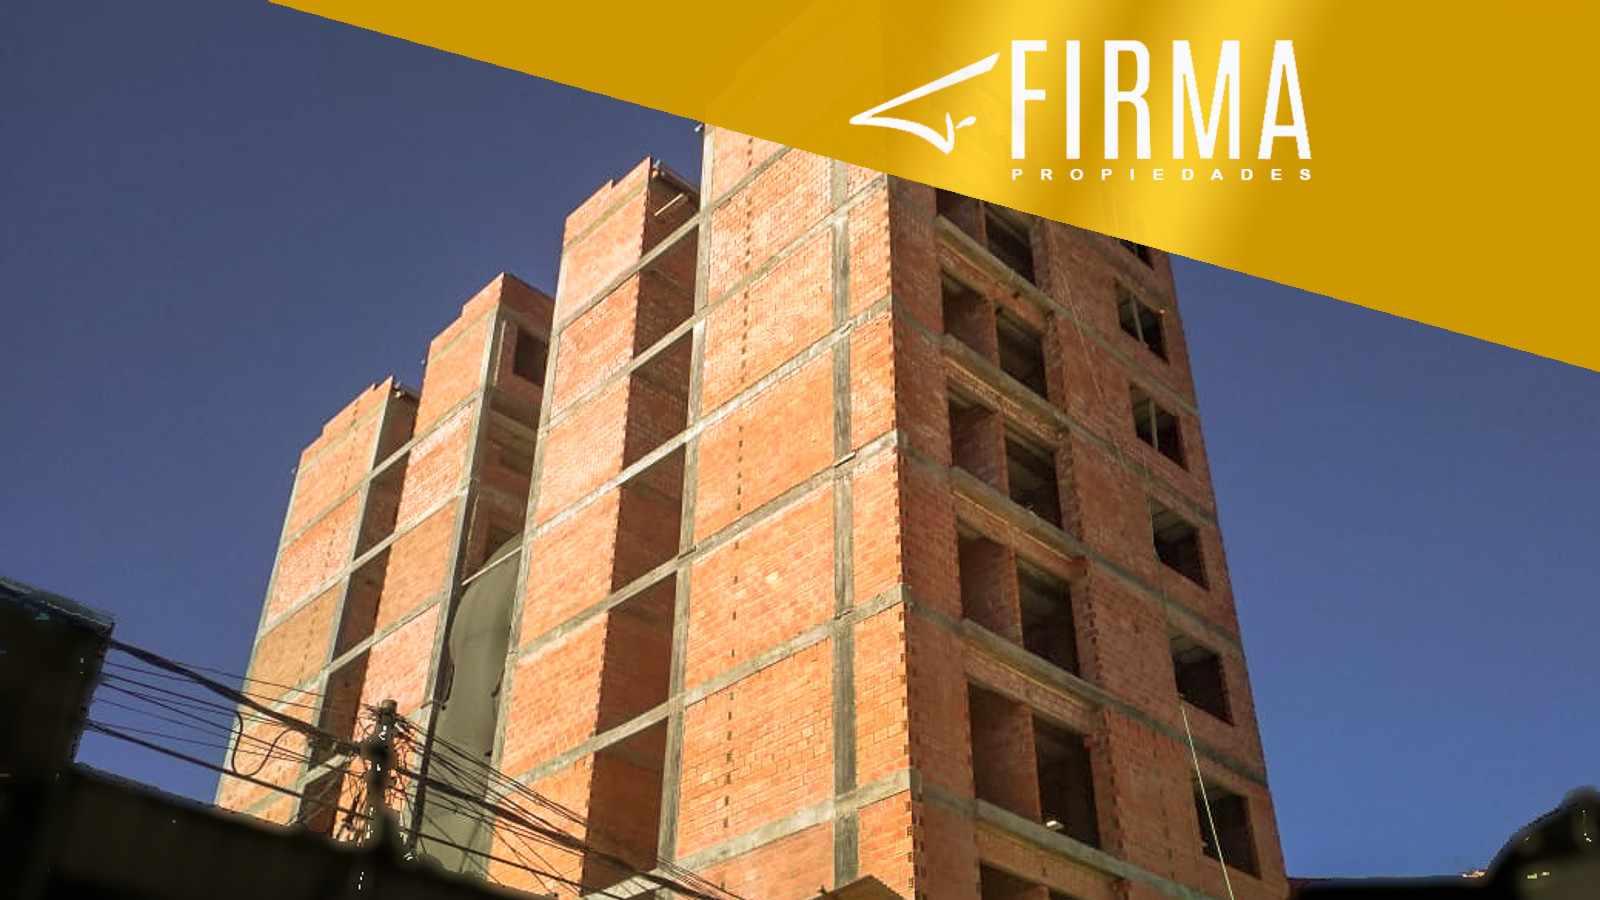 Edificio en Venta FRENTE AL AEROPUERTO, EDIFICIO EN VENTA EN OBRA GRUESA Foto 1